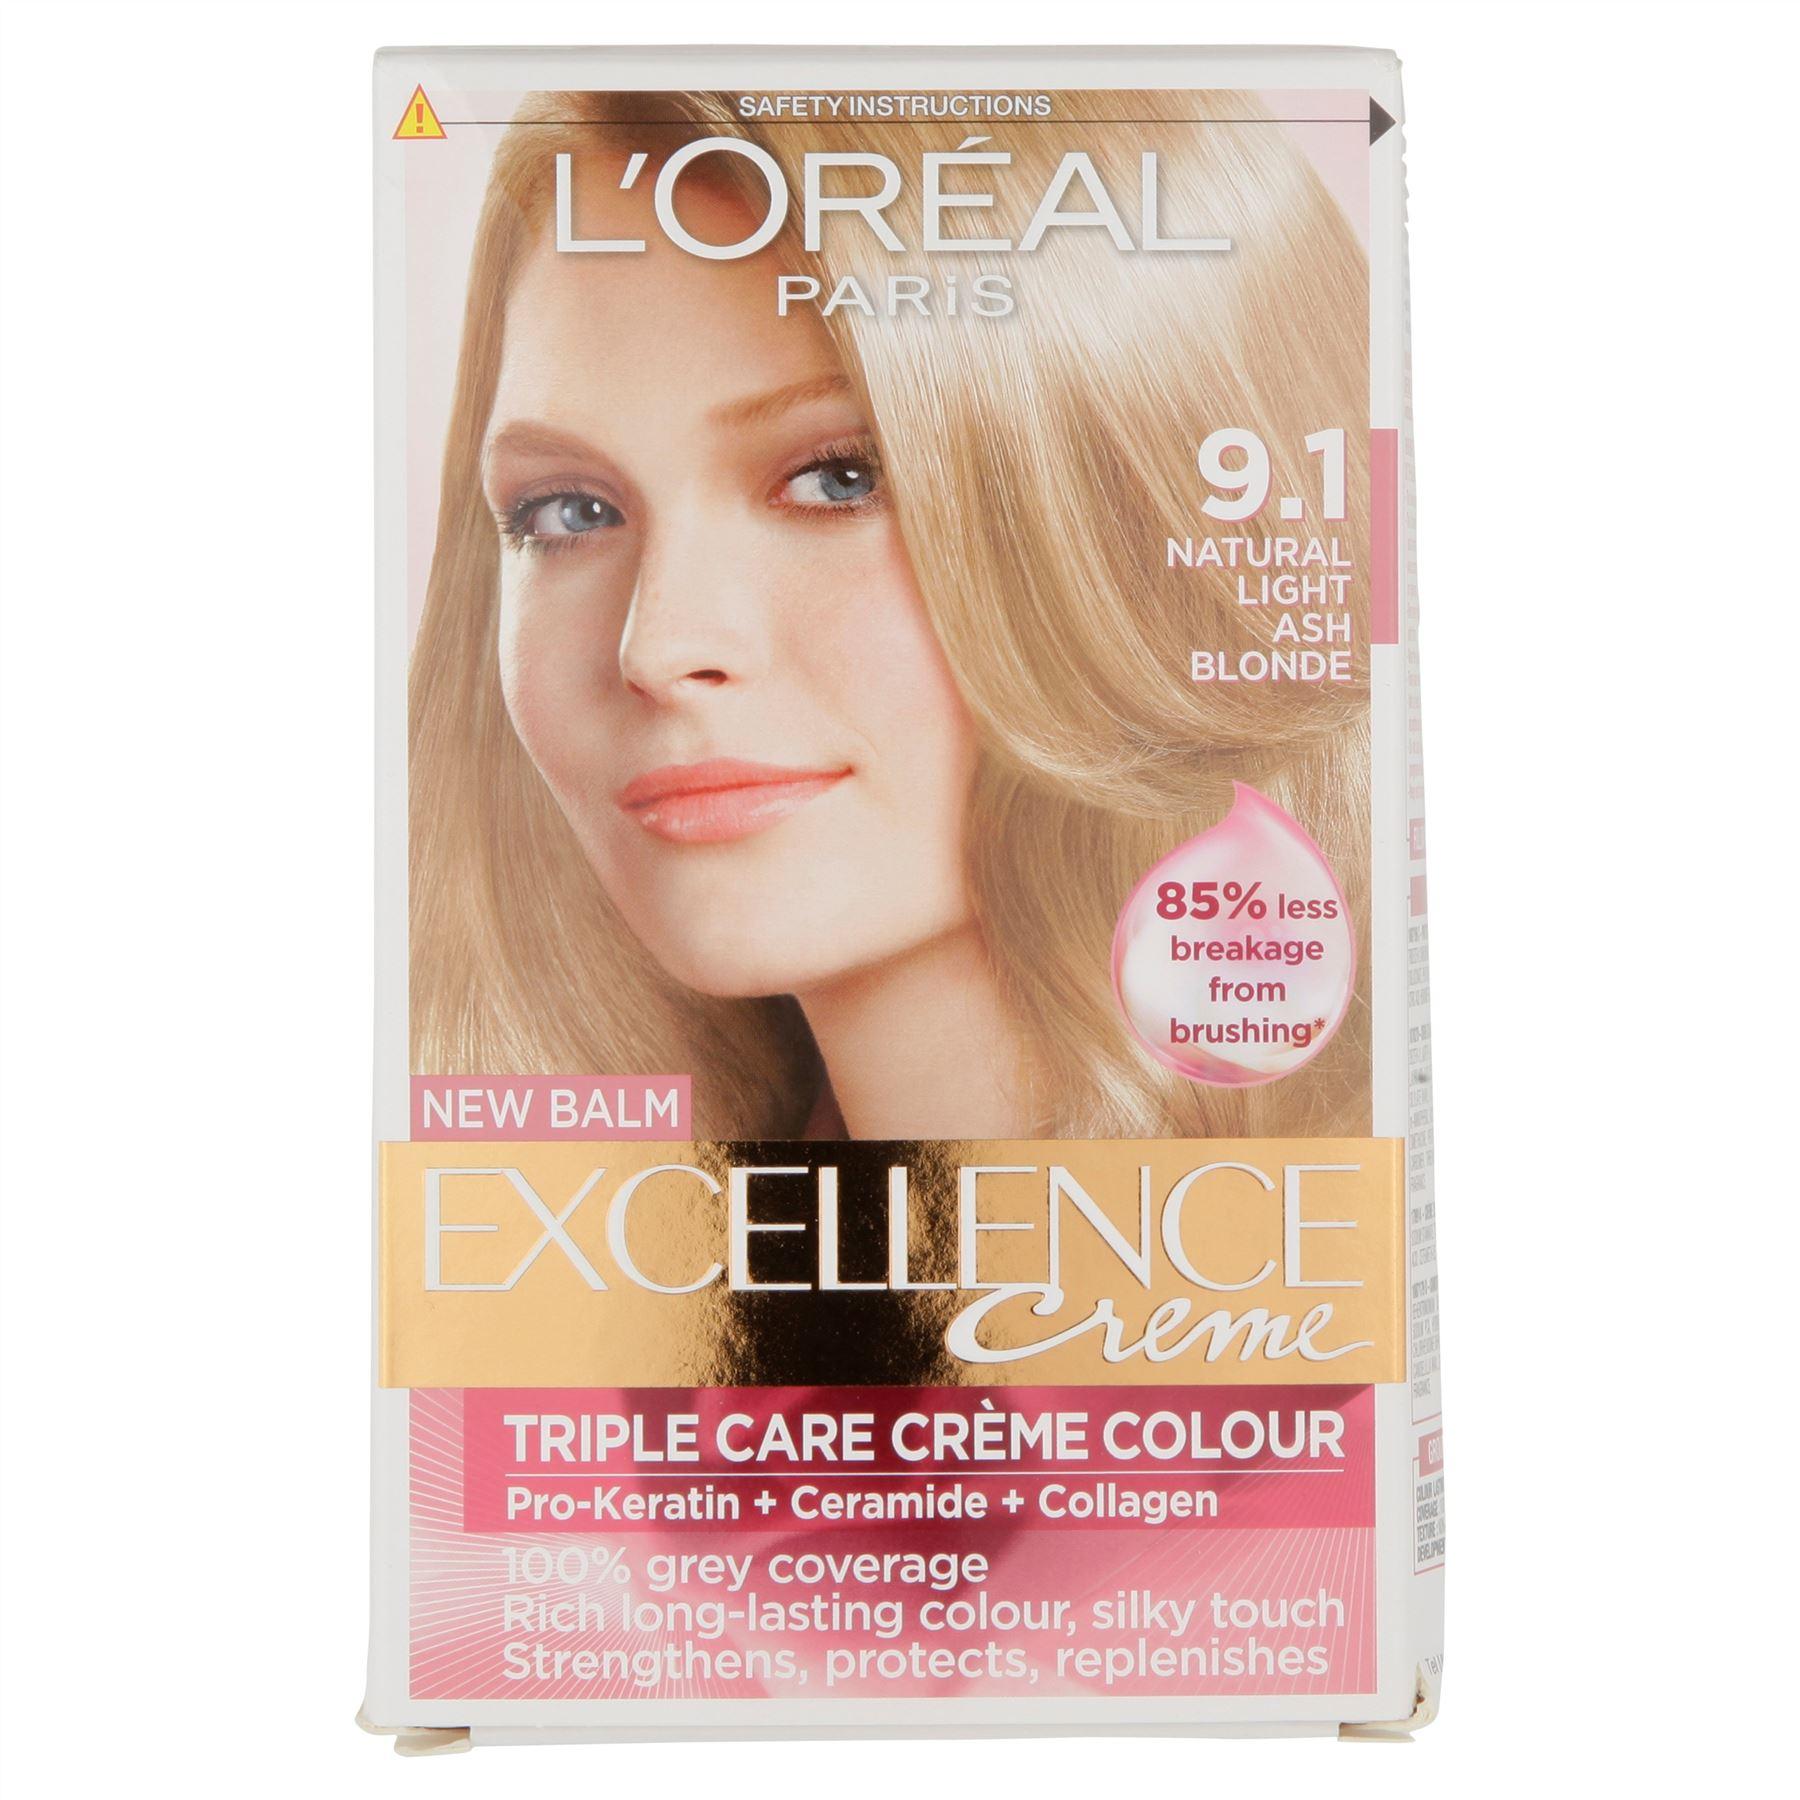 LOr al Excellence 91 Natural Light Ash Blonde